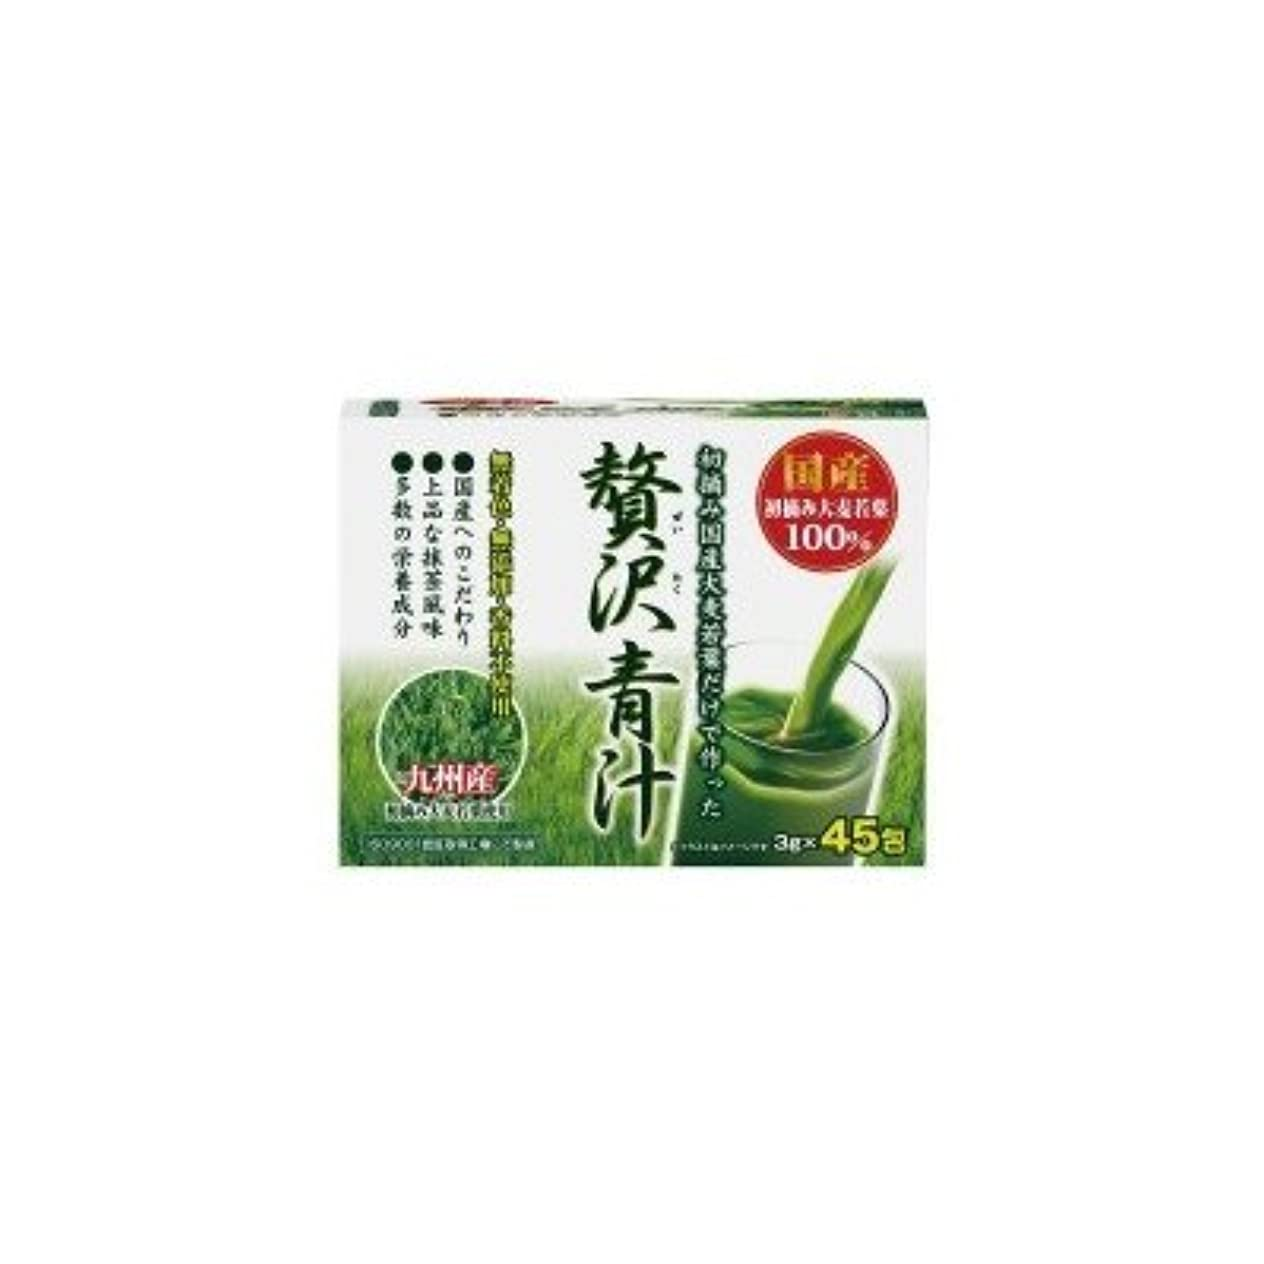 ユーワ 無着色?無添加?香料不使用 贅沢青汁 135g(3g×45包) 4023